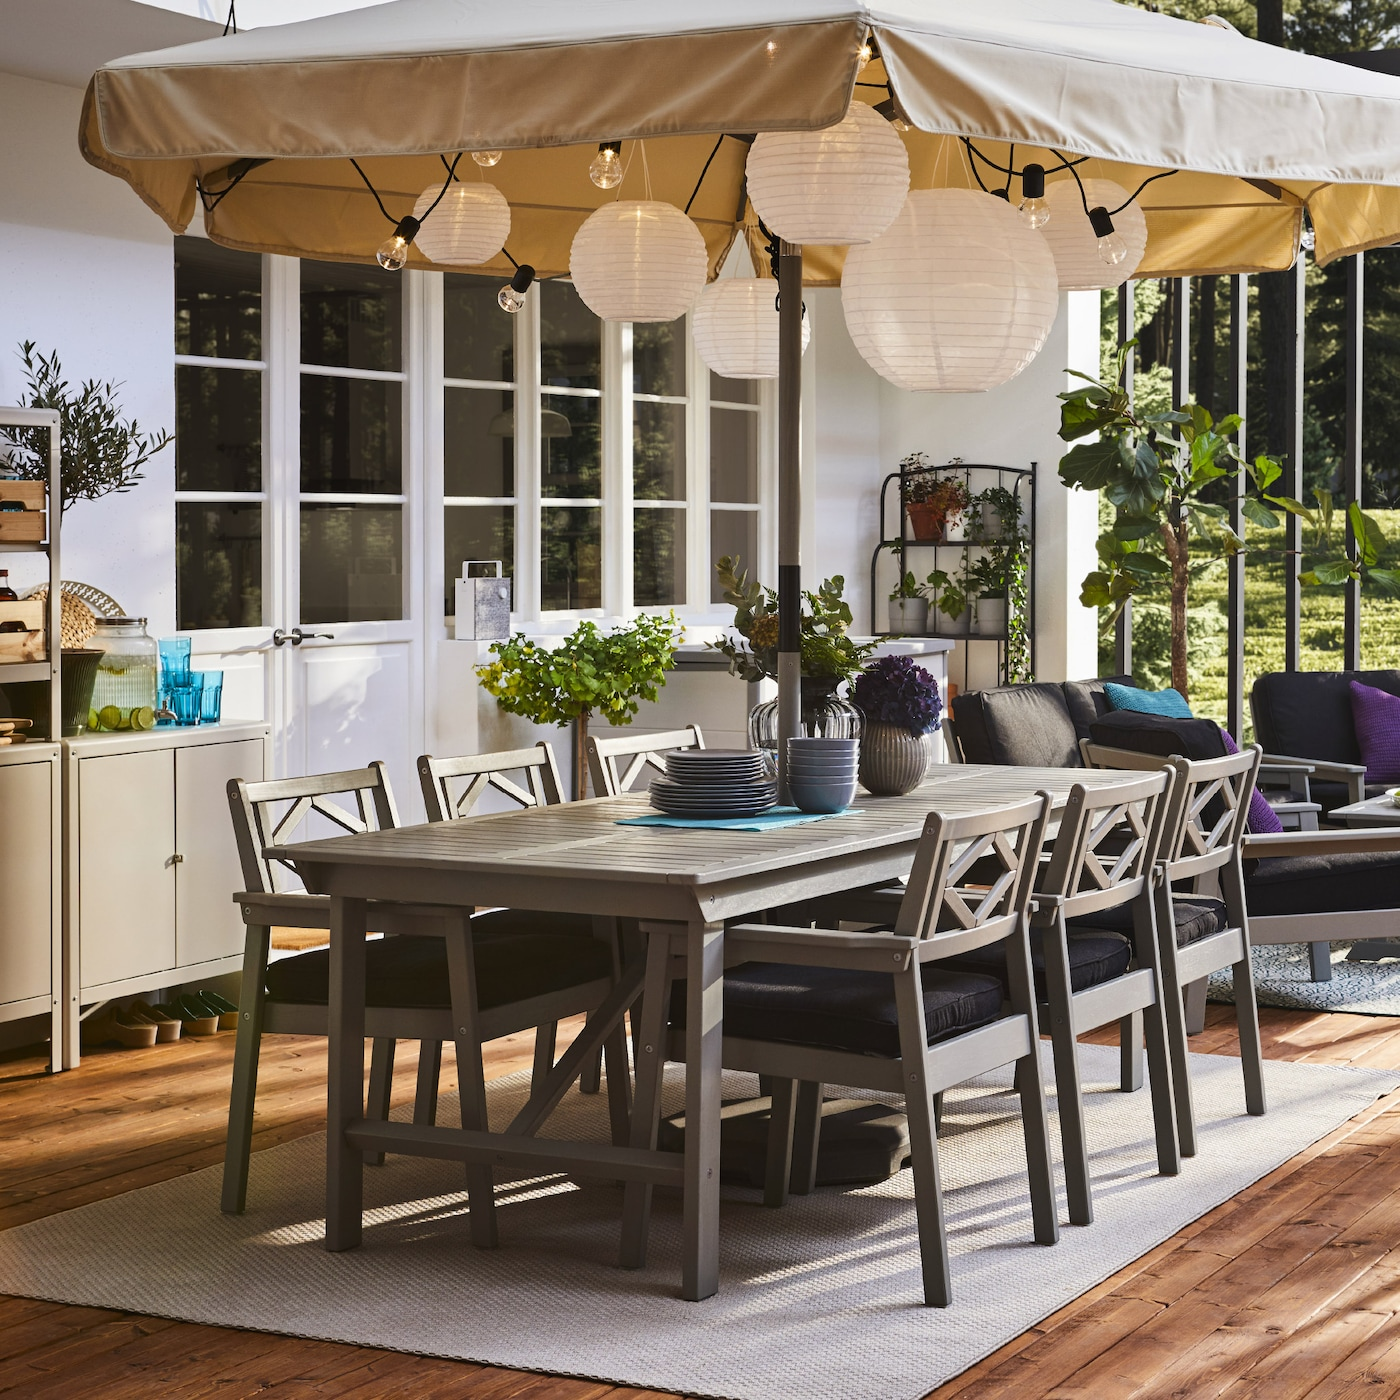 グレーのテーブルとチェア アームレスト付き、大きなパラソル、丸形のペンダントランプ、木製の床デッキを備えた広々としたパティオ。